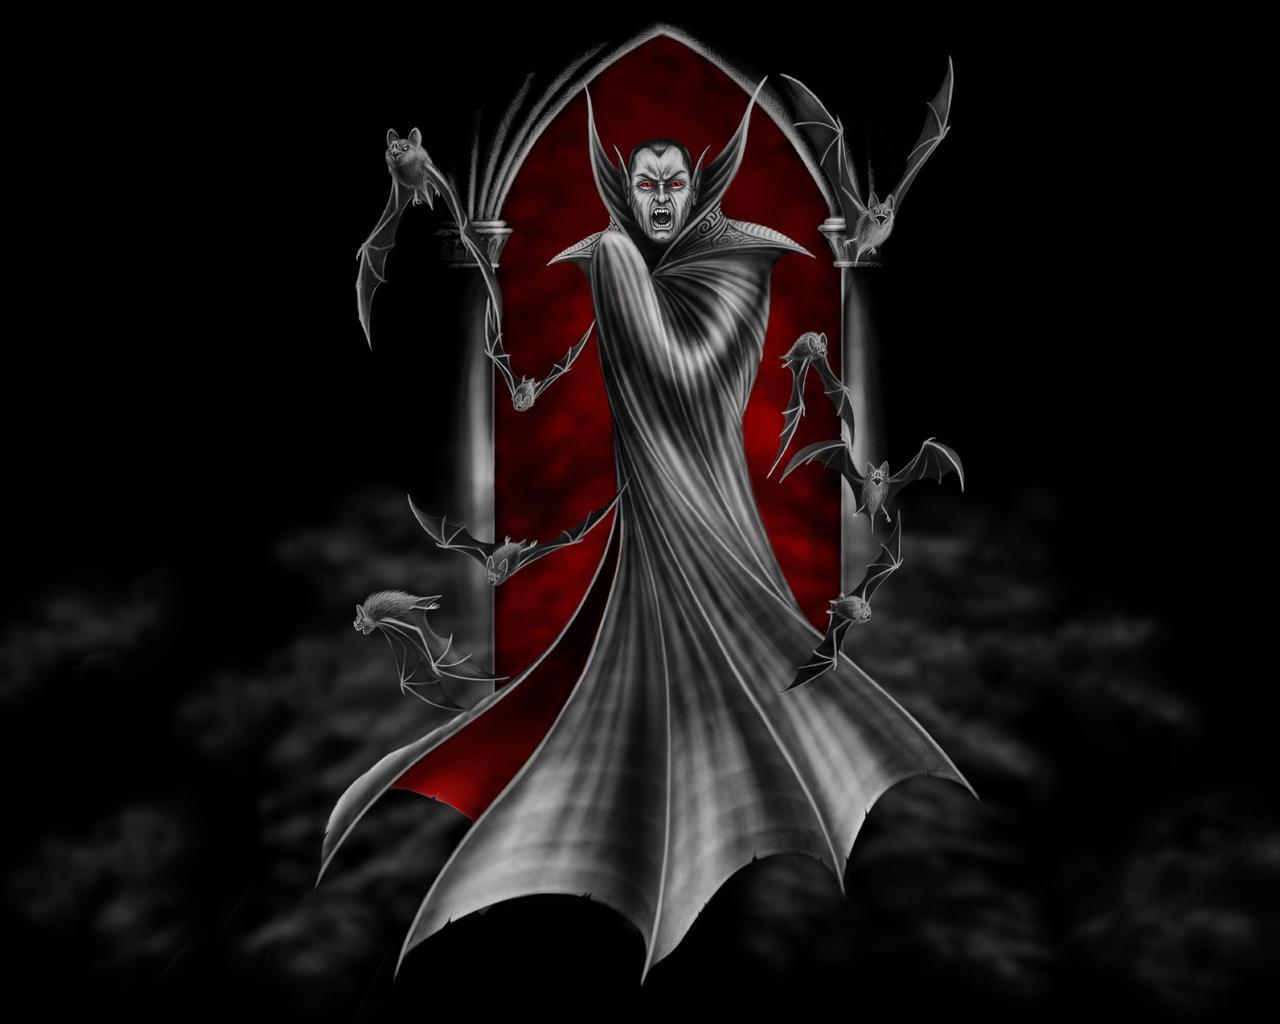 9000 Wallpaper Animasi Vampir  Paling Keren